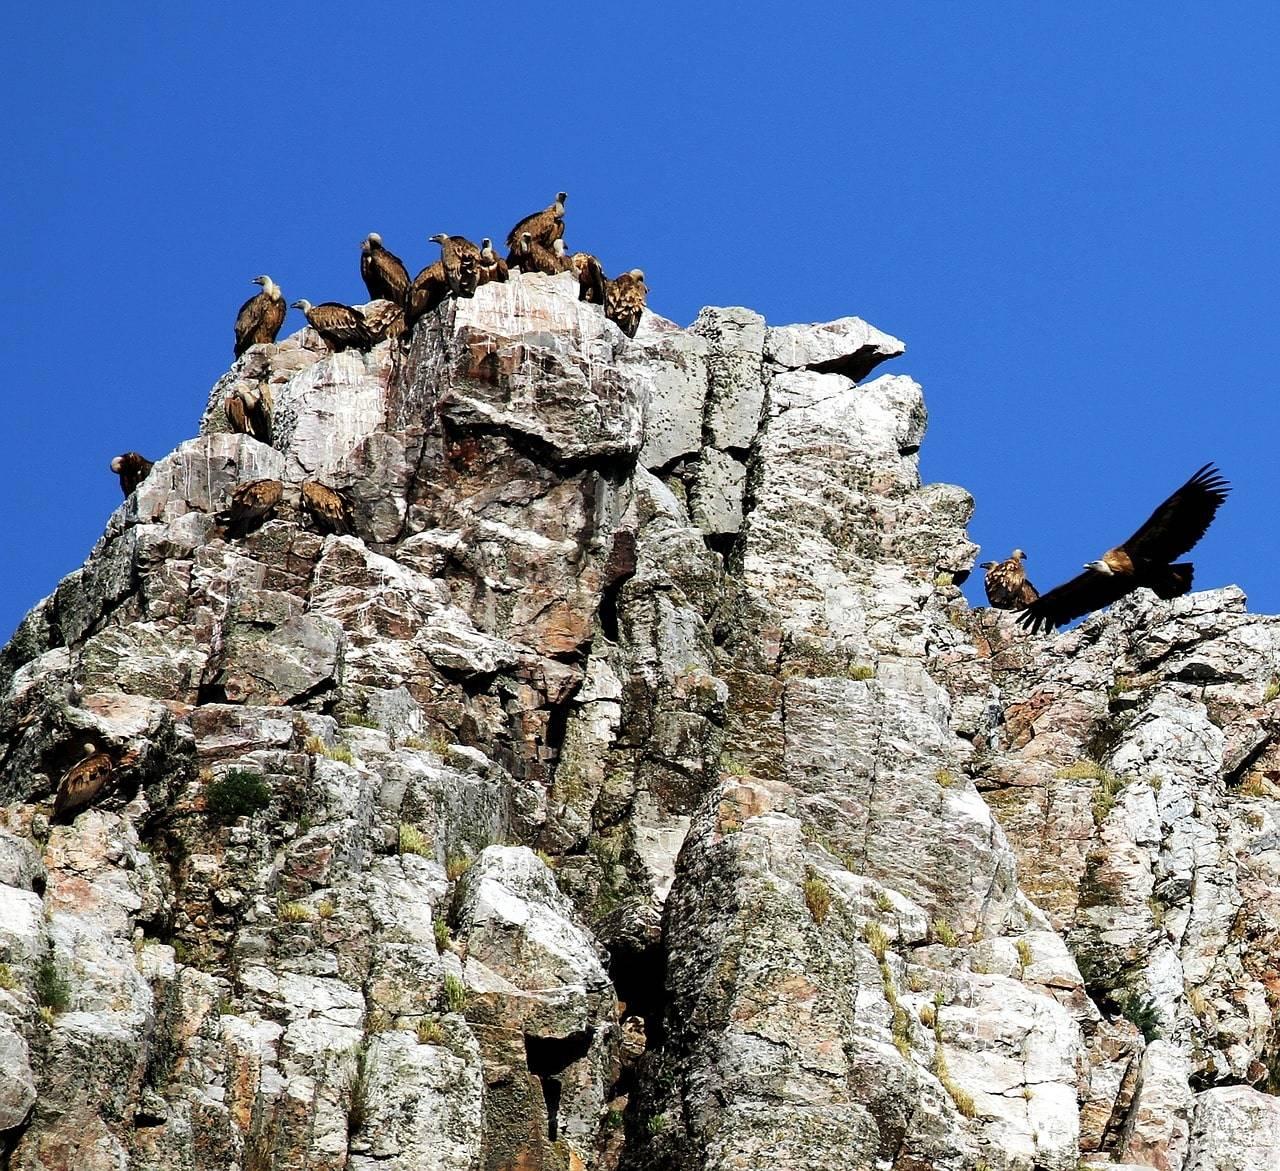 parque nacional monfrague caceres